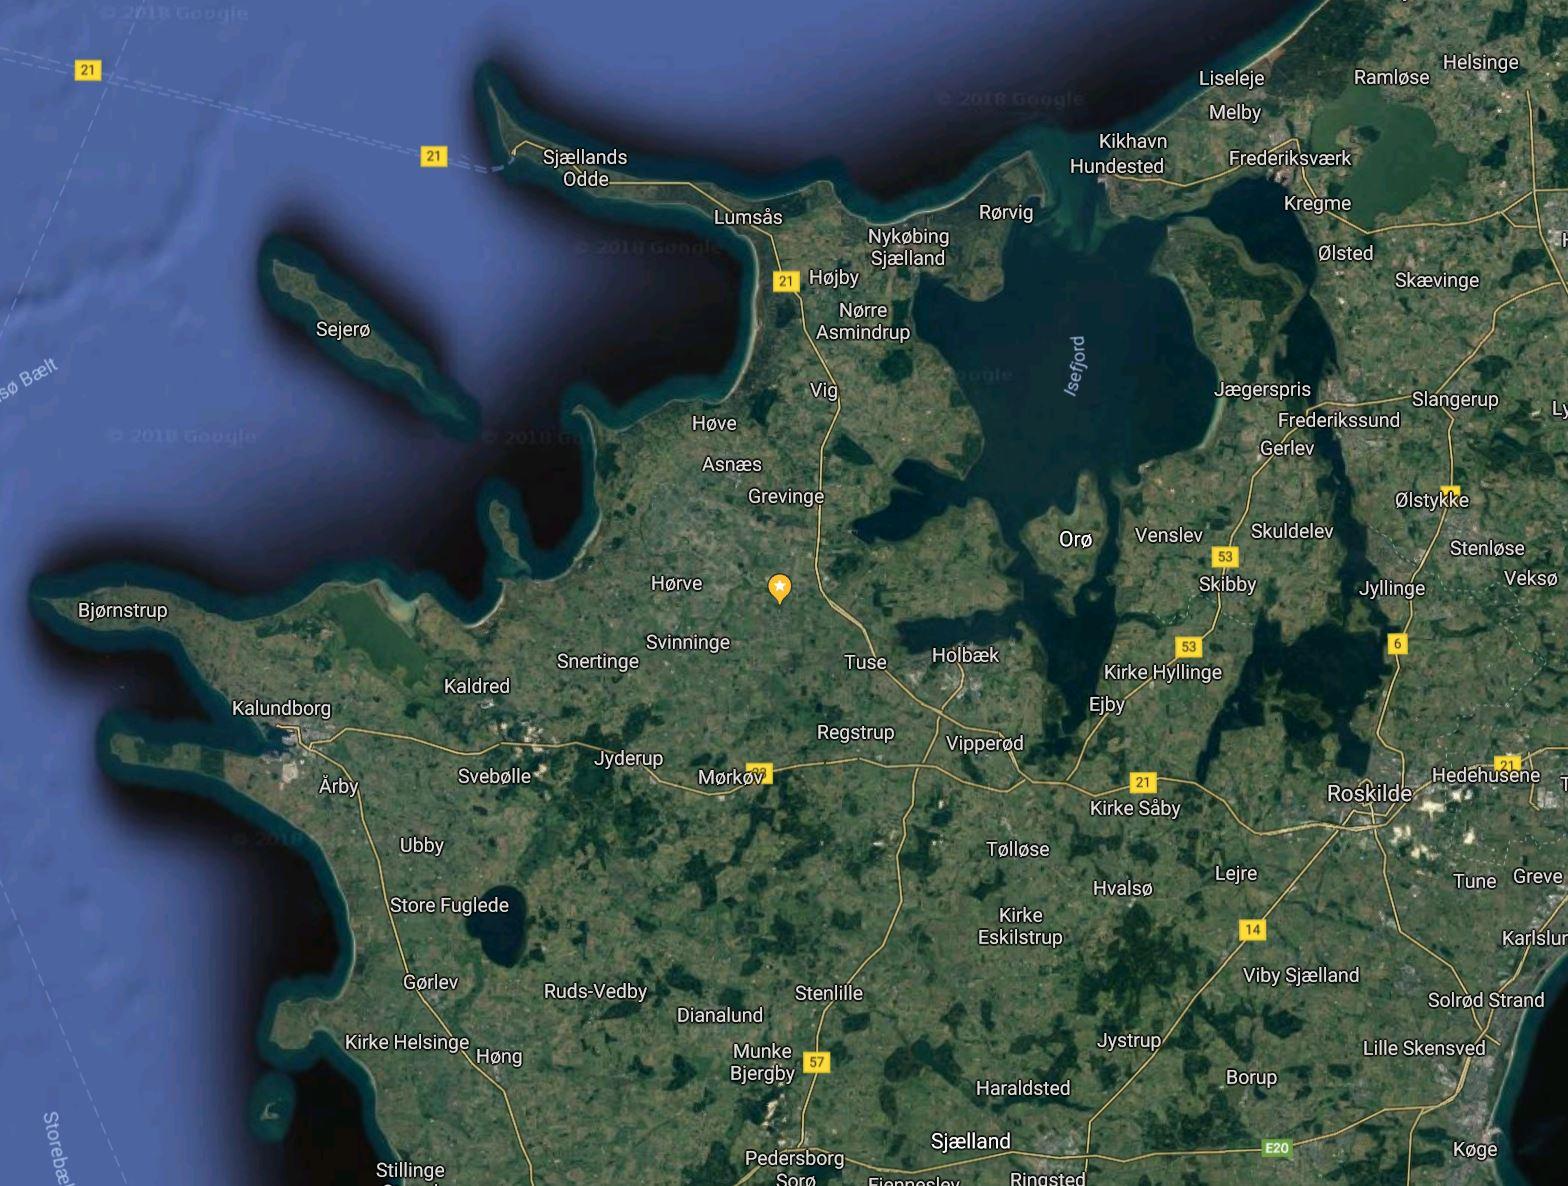 Beliggenhed hele DK Danmark sjælland jylland fyn øerne